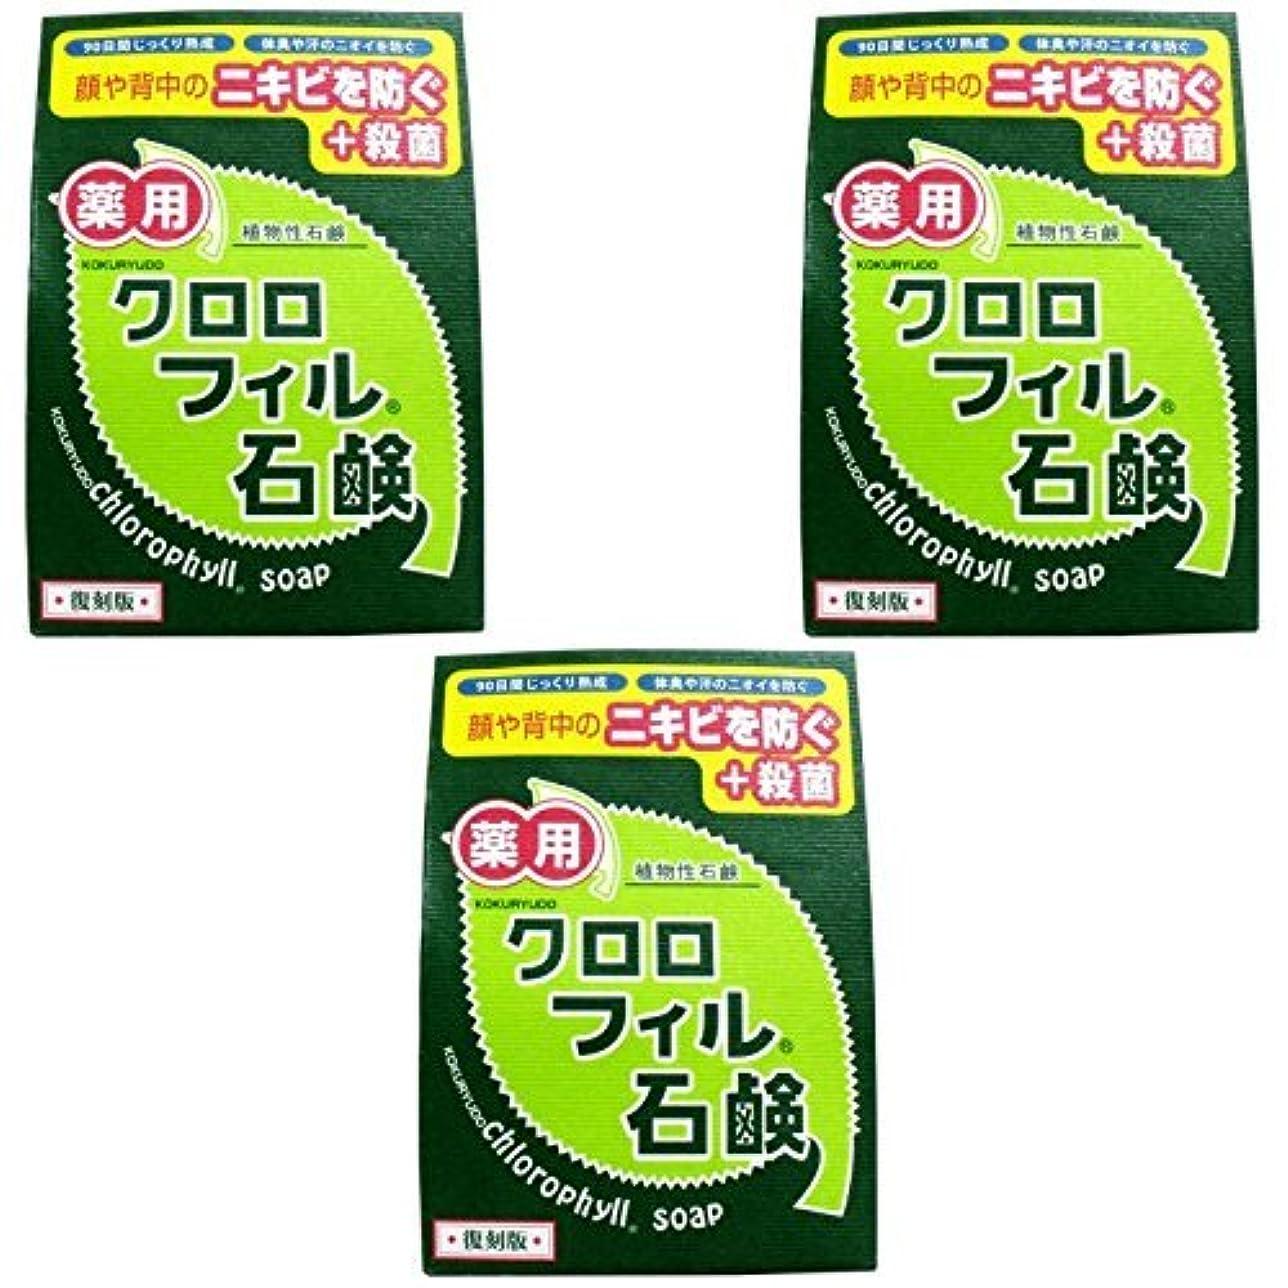 インストール研磨かろうじて【まとめ買い】クロロフィル石鹸 復刻版 85g (医薬部外品)【×3個】